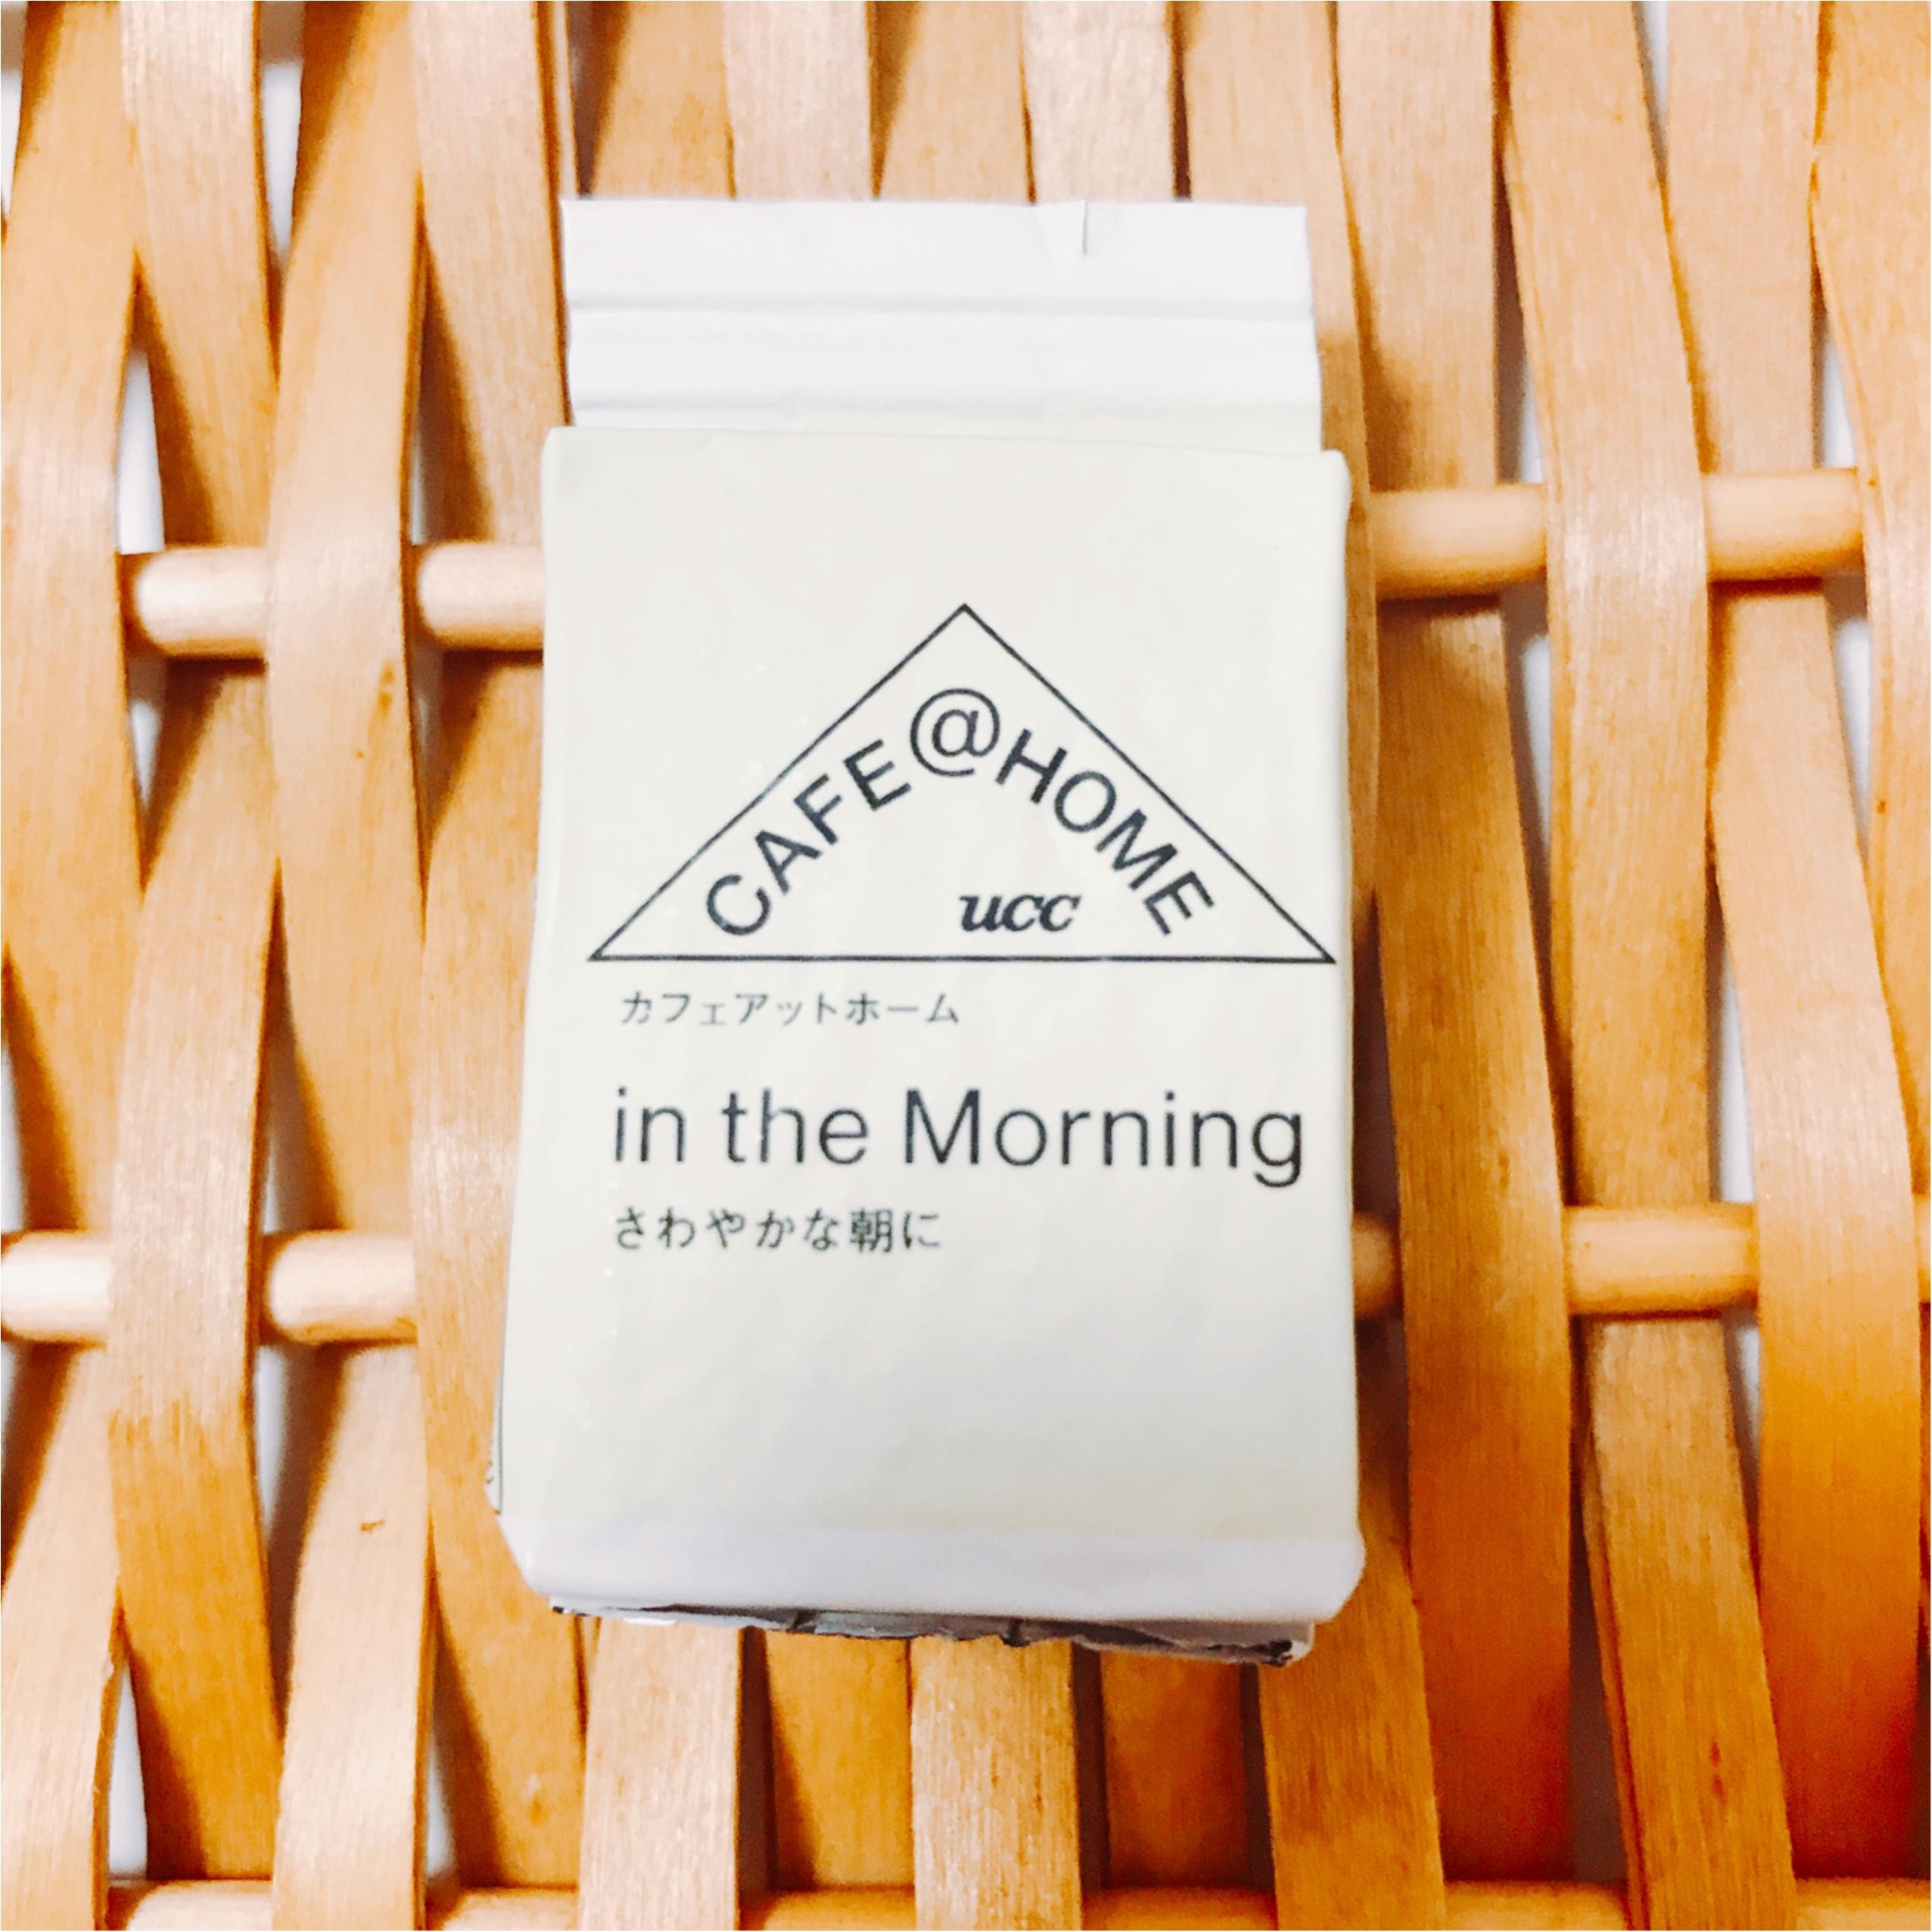 横浜で見つける新しいコーヒーの形。コーヒースタイルUCCの『CAFE@HOME』_10